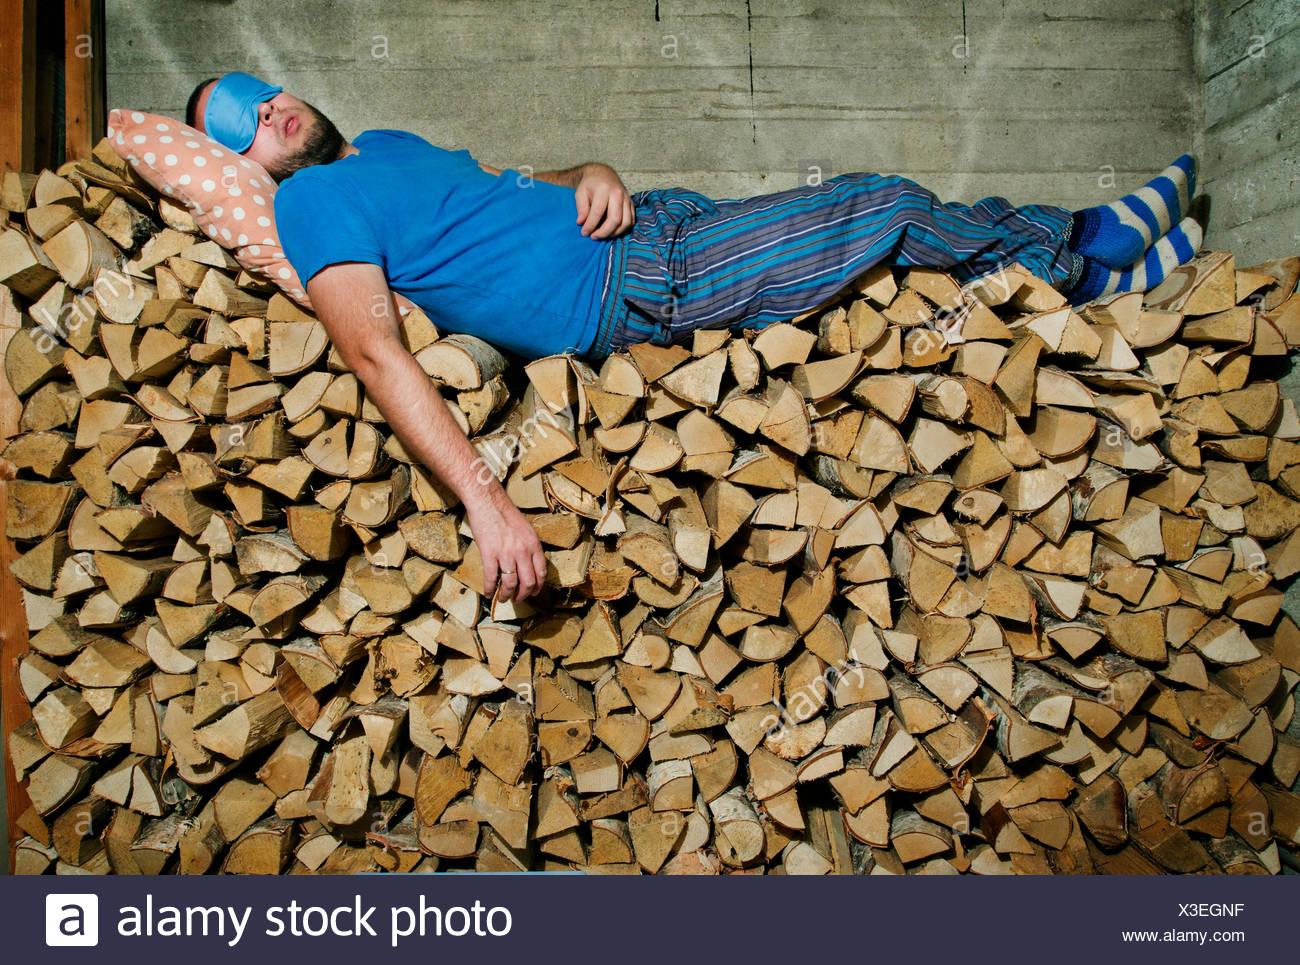 Finlandia, Heinola, uomo di dormire sulla catasta di legna da ardere Immagini Stock